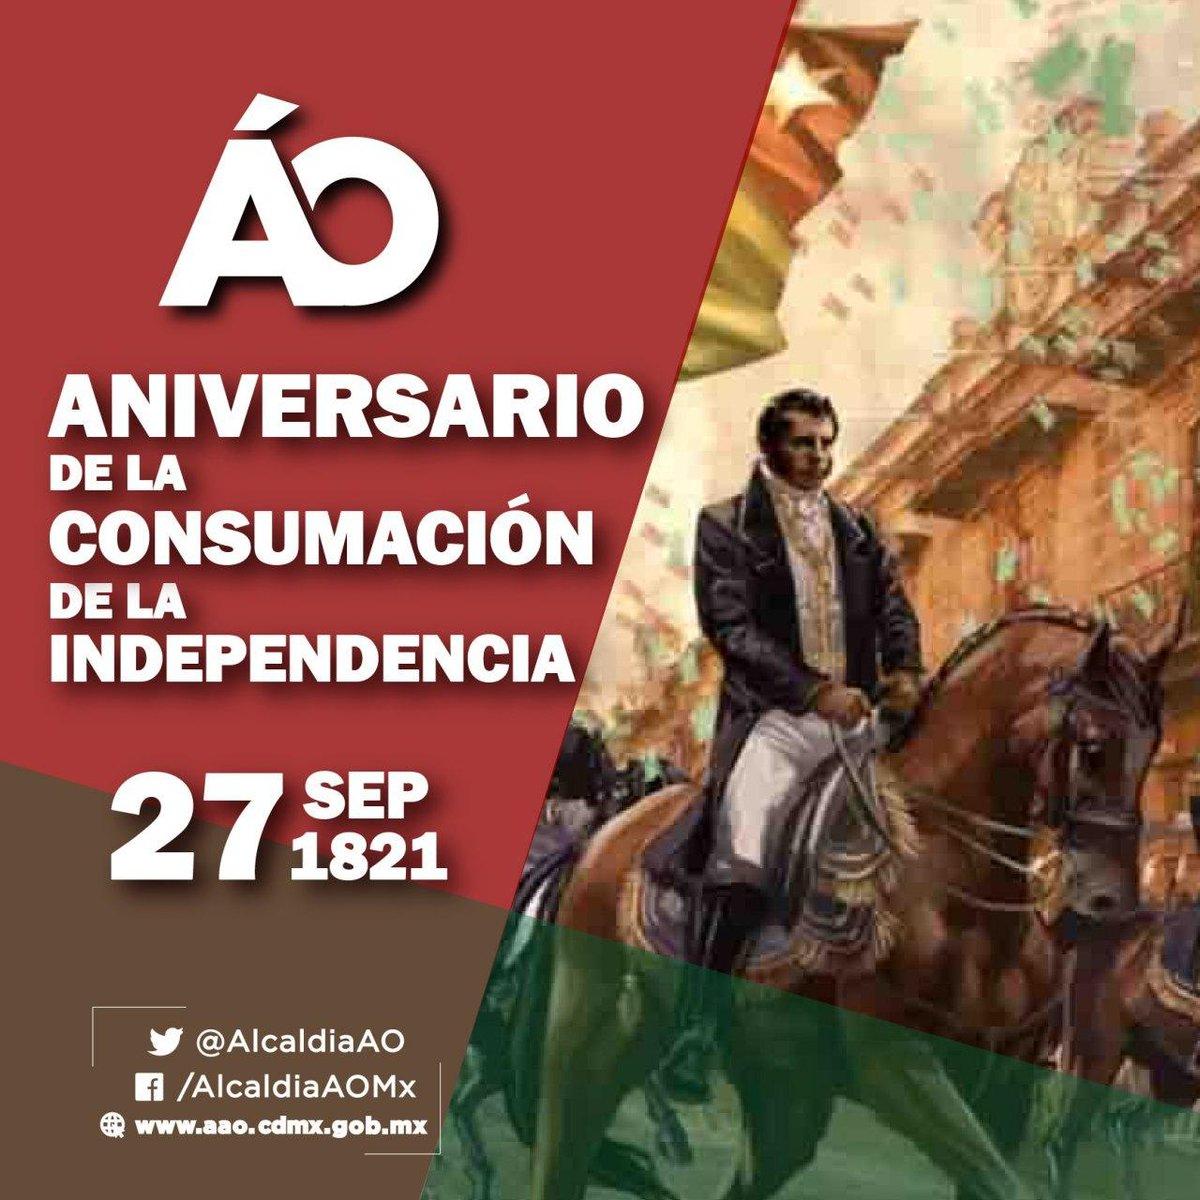 El 27 de septiembre de 1821, con la entrada del Ejército Trigarante a la ciudad de México, se da por consumada una lucha que inició el 15 de septiembre de 1810; nuestra independencia.  🗨️#EfeméridesAO https://t.co/ThXRDF4FoS